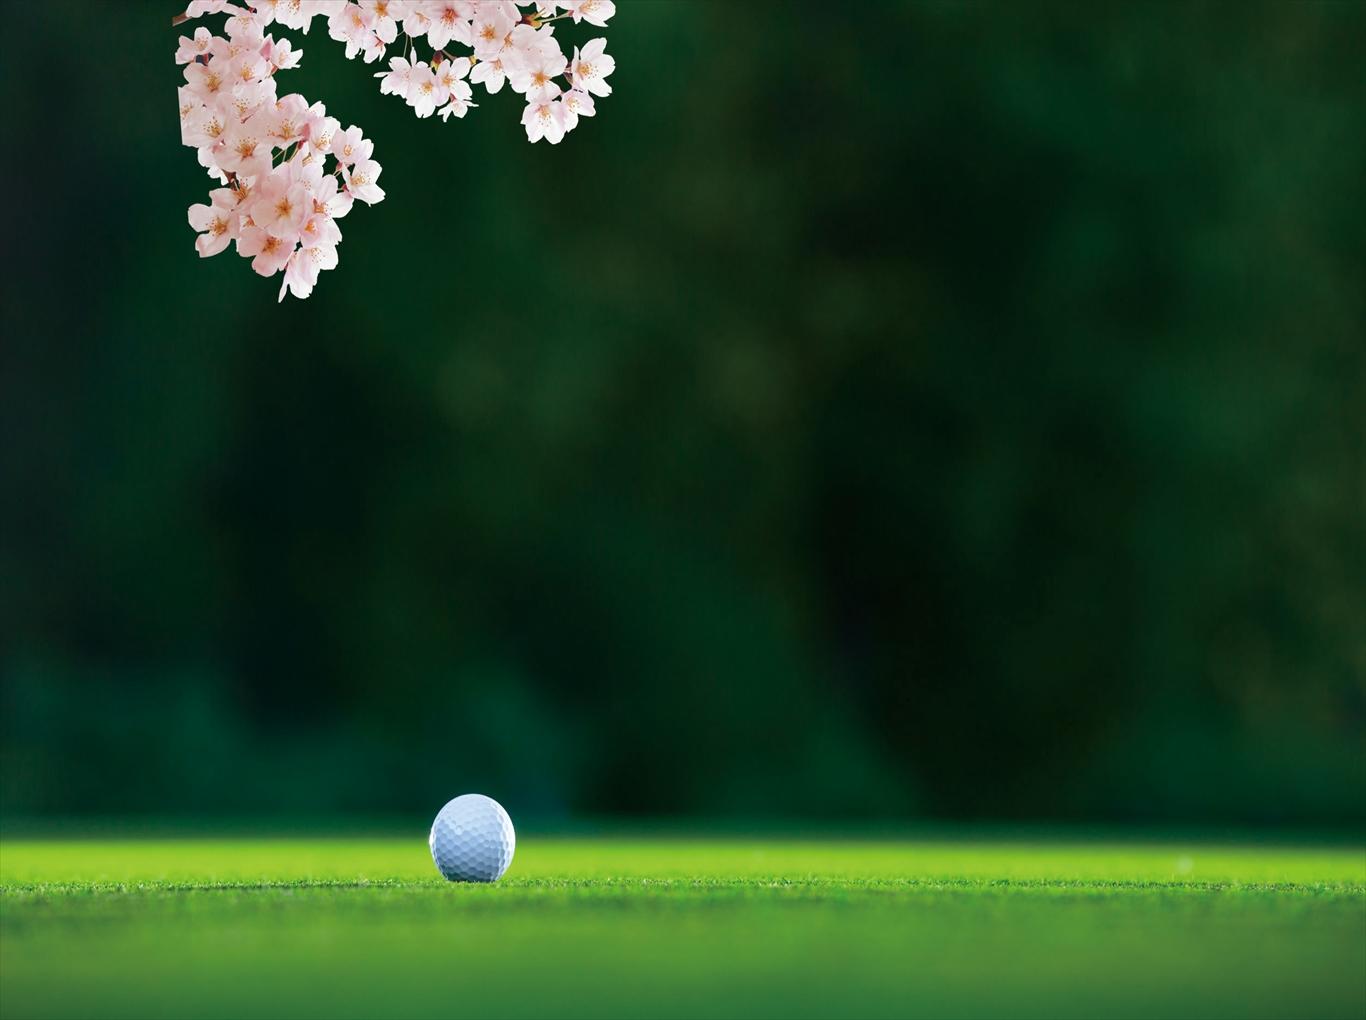 パターを待つボールの姿に 平穏な春を噛みしめる。